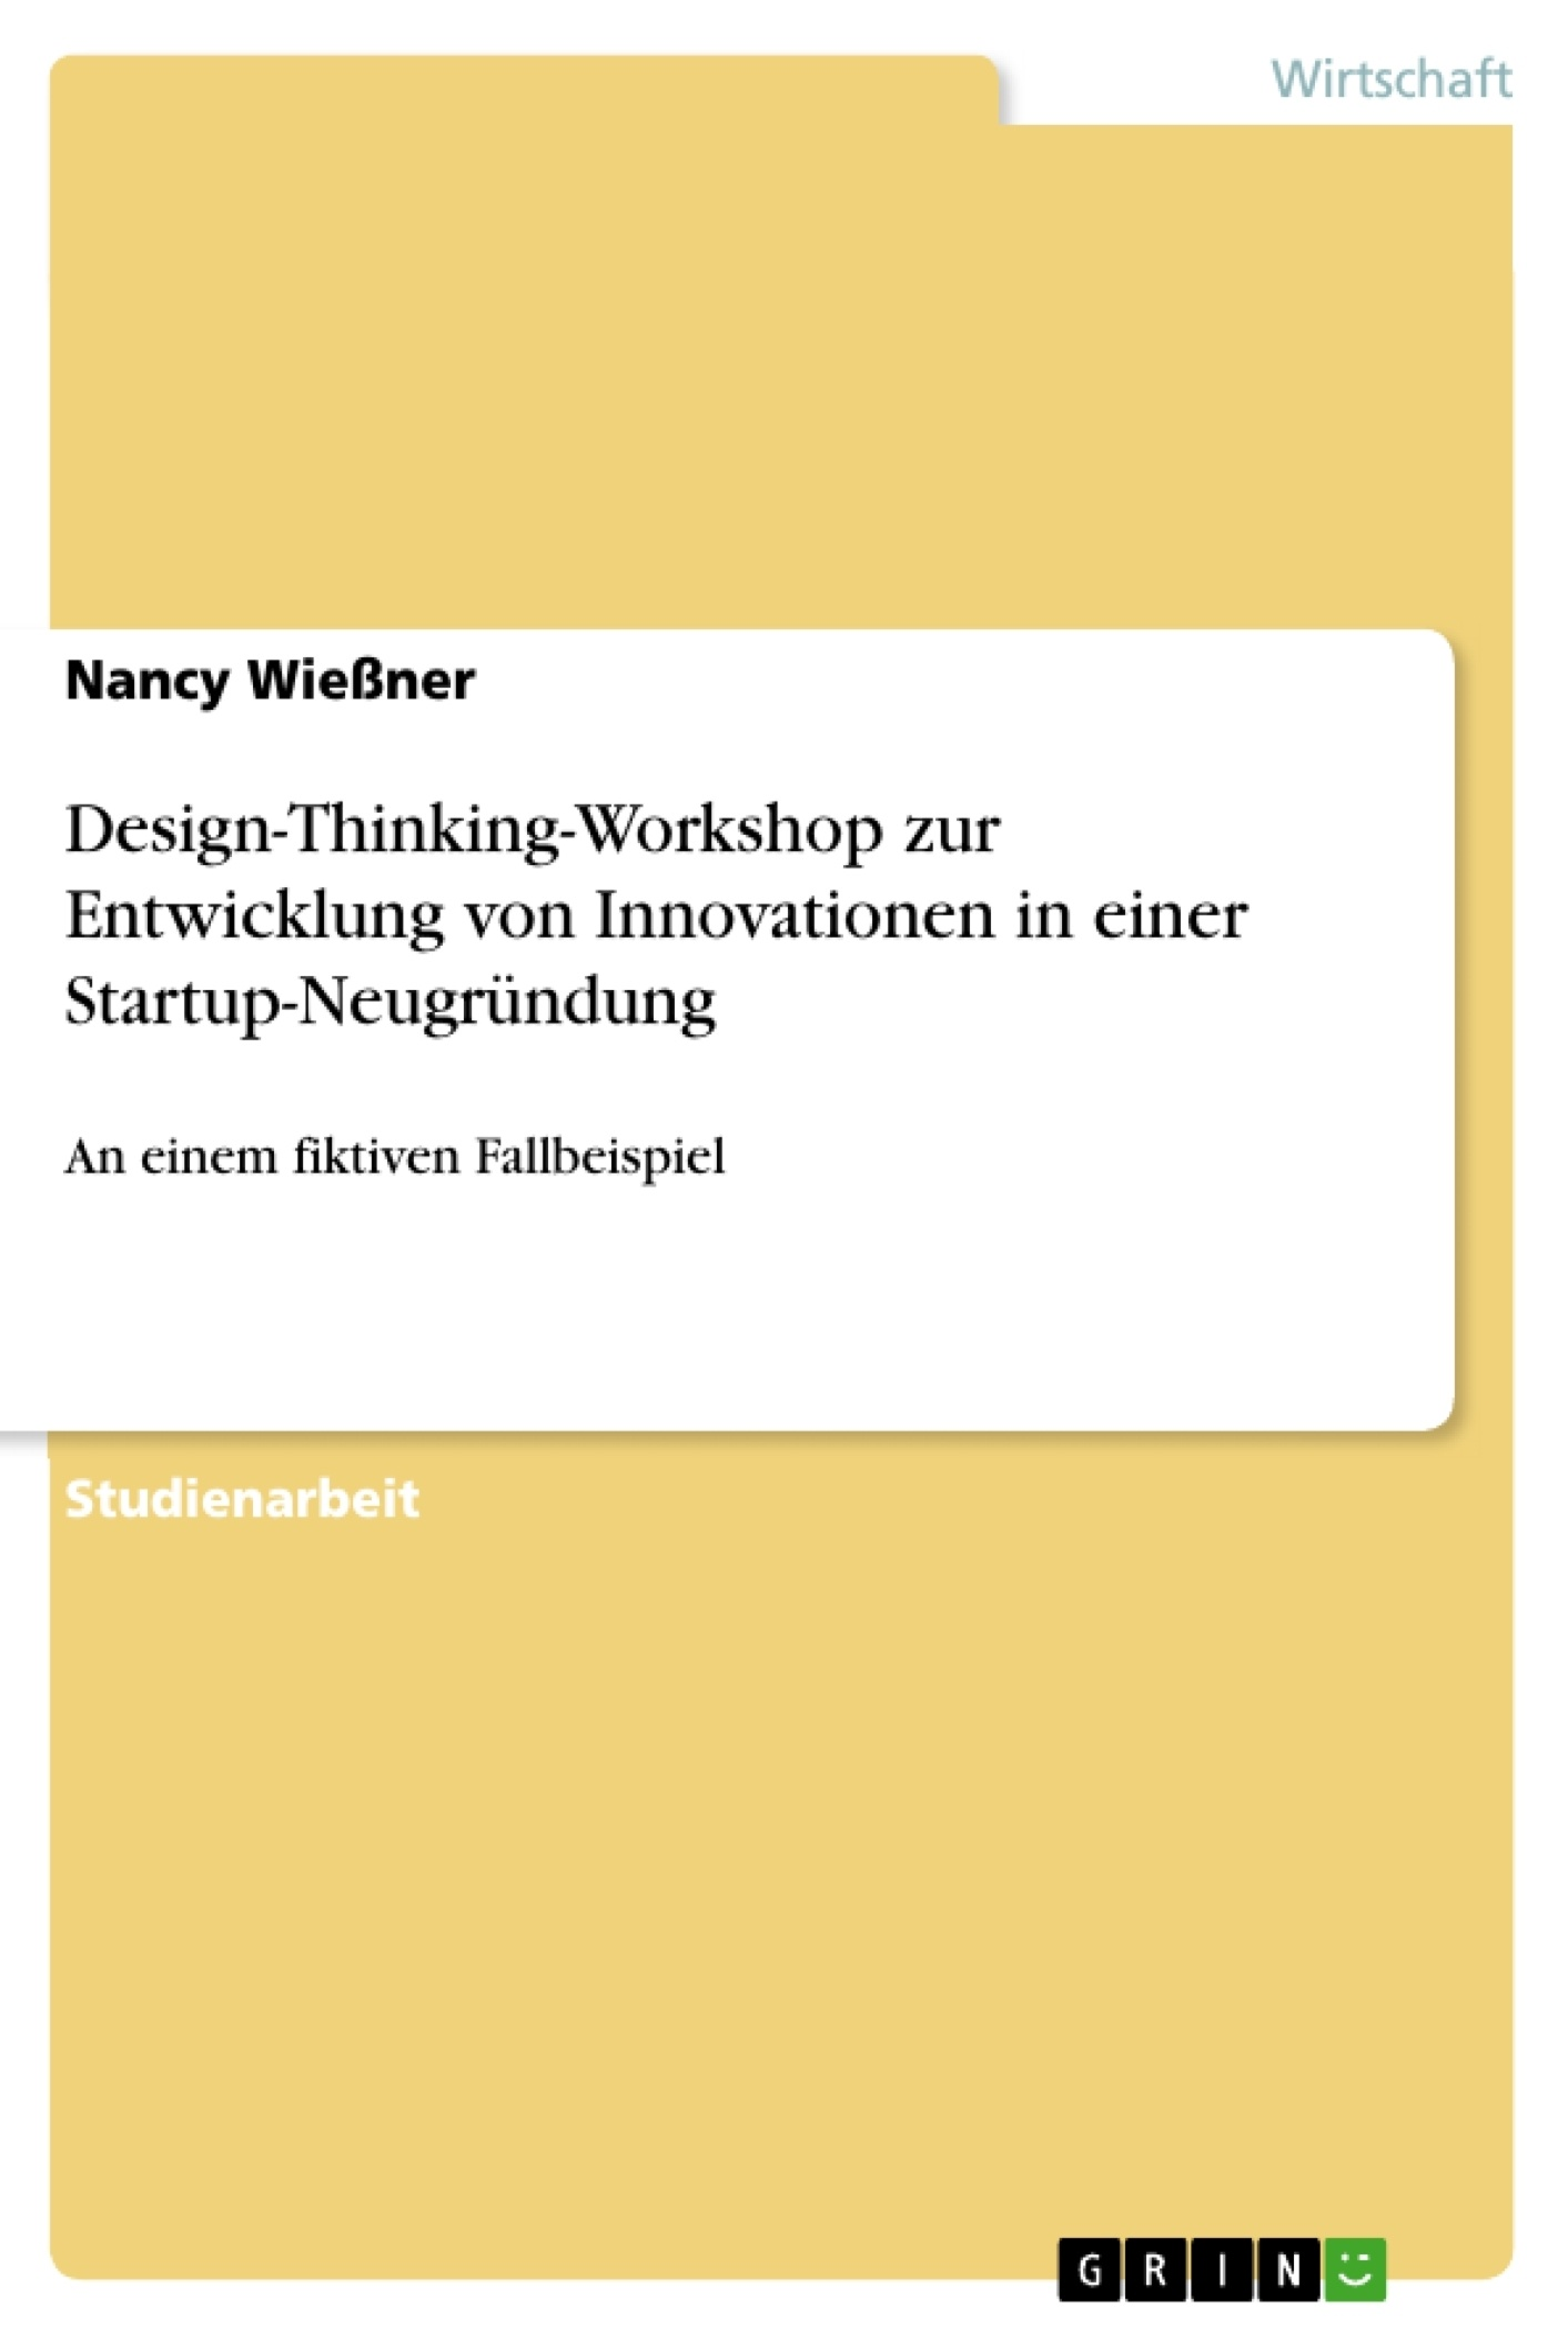 Titel: Design-Thinking-Workshop zur Entwicklung von Innovationen in einer Startup-Neugründung